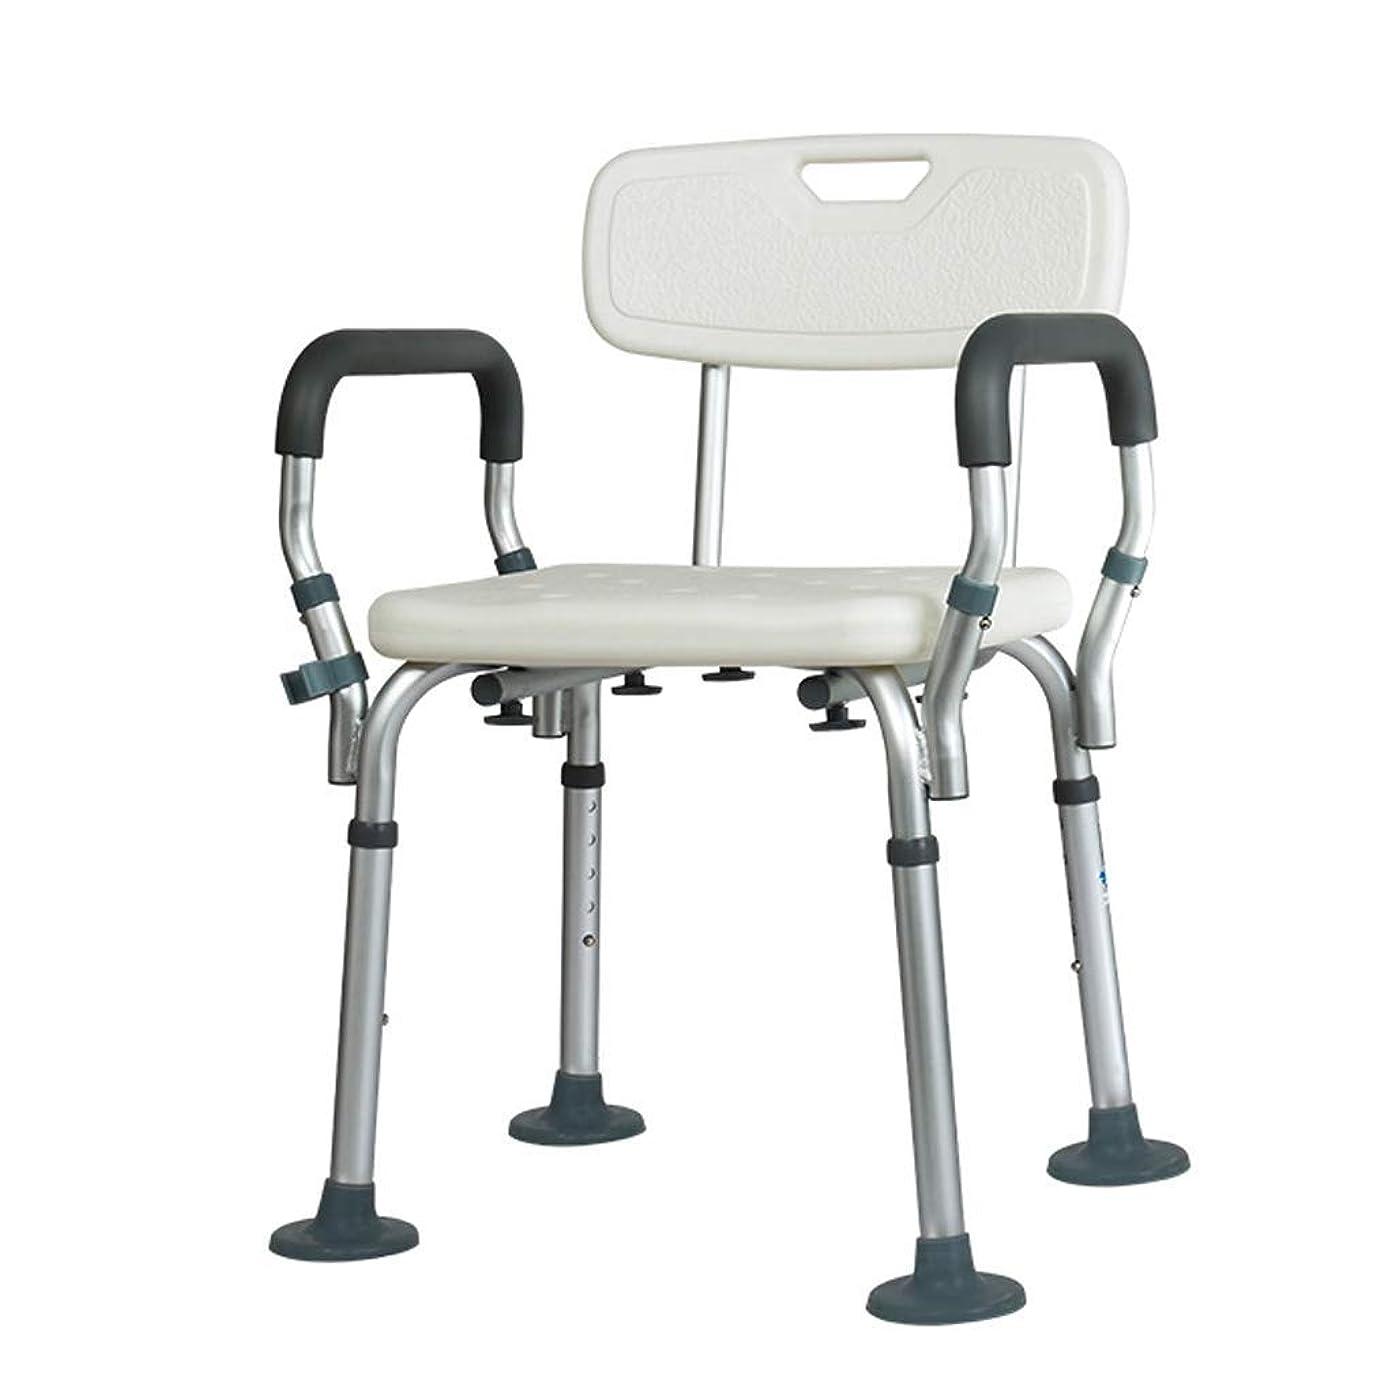 なだめるプレフィックスペネロペシャワースツールアームレスト付きバススツール/滑り止め付きバスルームスツール/シャワーチェア/妊婦シャワーシートスツール/調節可能な高さ/最大積載重量136kg